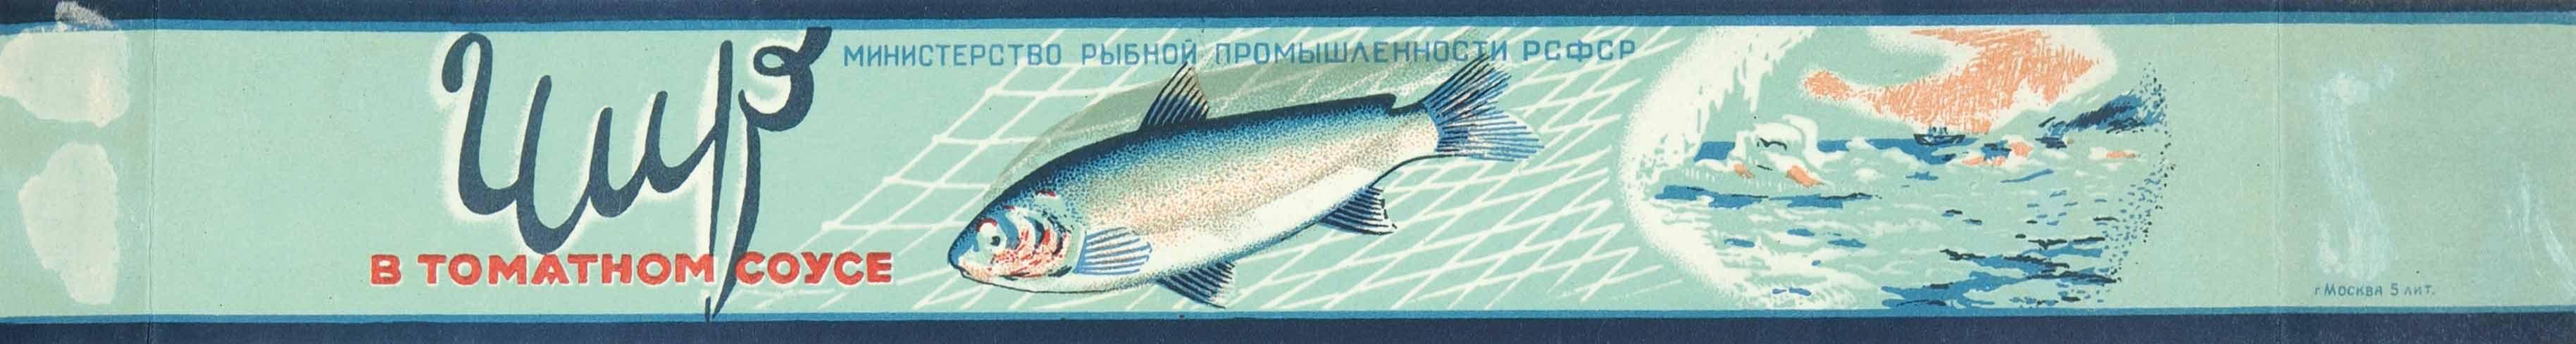 1950-е. Образец дизайна этикетки консервов «Чир в томатном соусе». Мин. рыбной пром-ти РСФСР